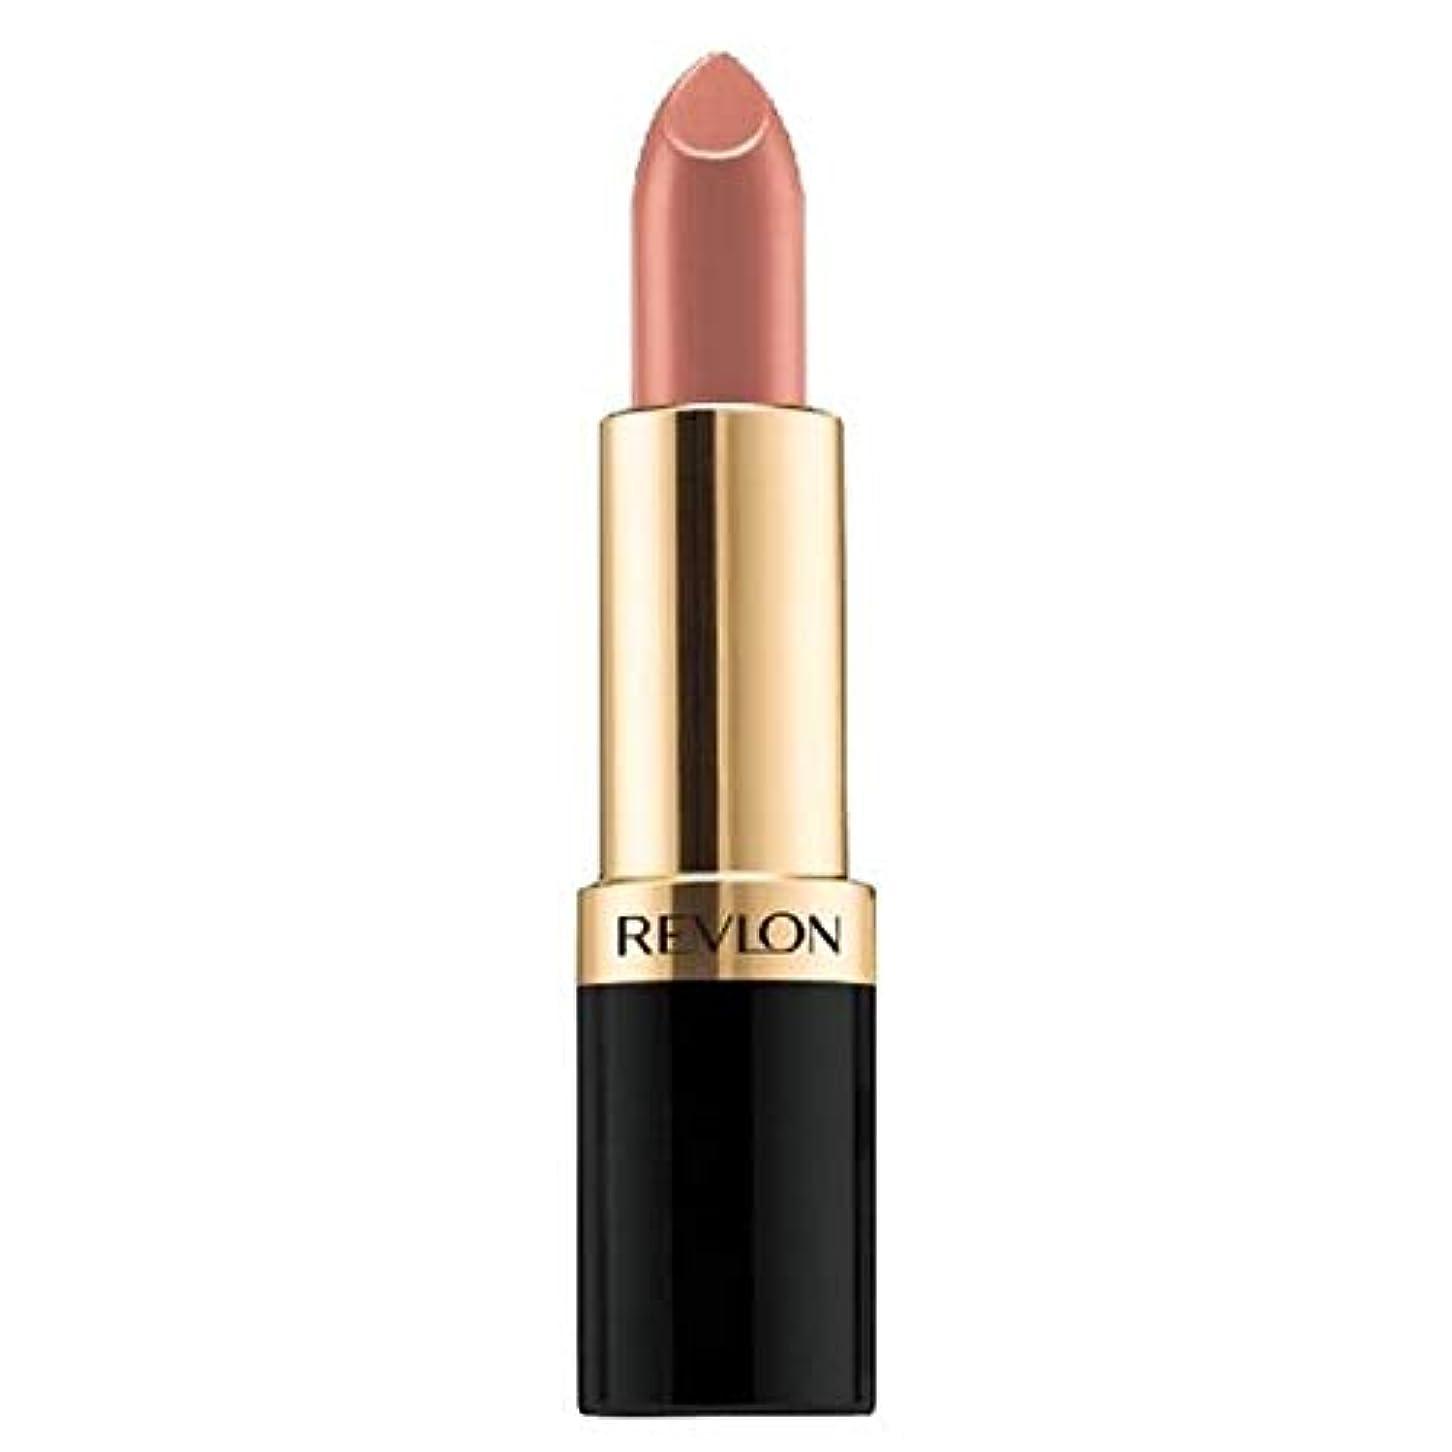 スパイ怒り語[Revlon ] レブロンSuperlustrousマット口紅は、ヌード4.2グラムであることをあえて - Revlon Superlustrous Matte Lipstick Dare To Be Nude 4.2g [並行輸入品]